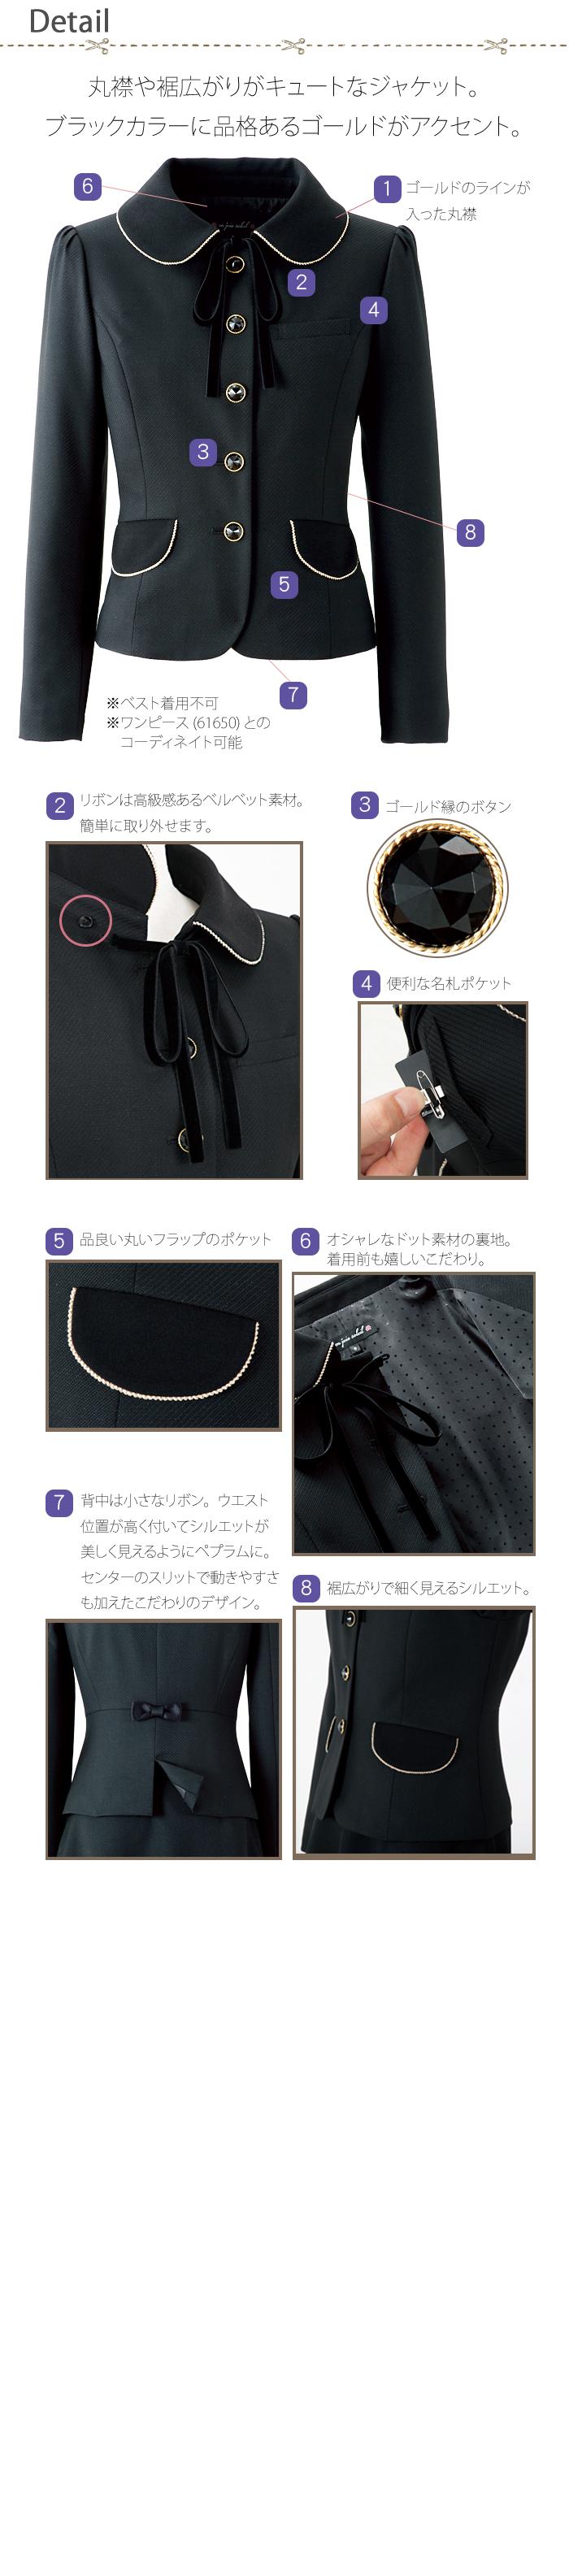 81650キュートでハイクラス裾広ジャケット 商品詳細説明